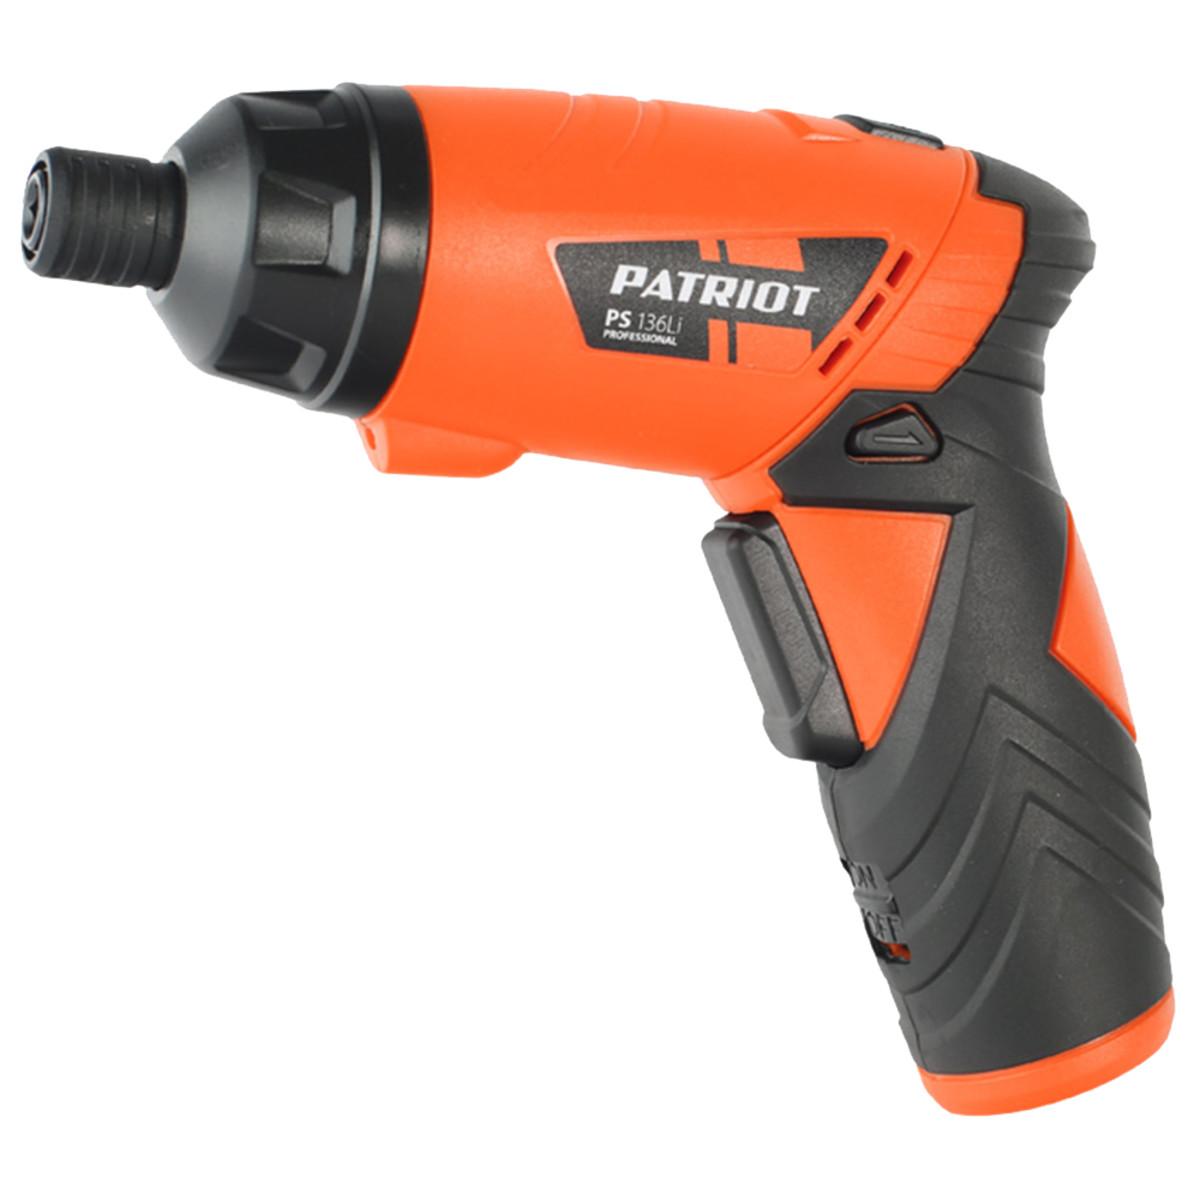 Аккумуляторная отвертка Patriot PS 136Li 180201303